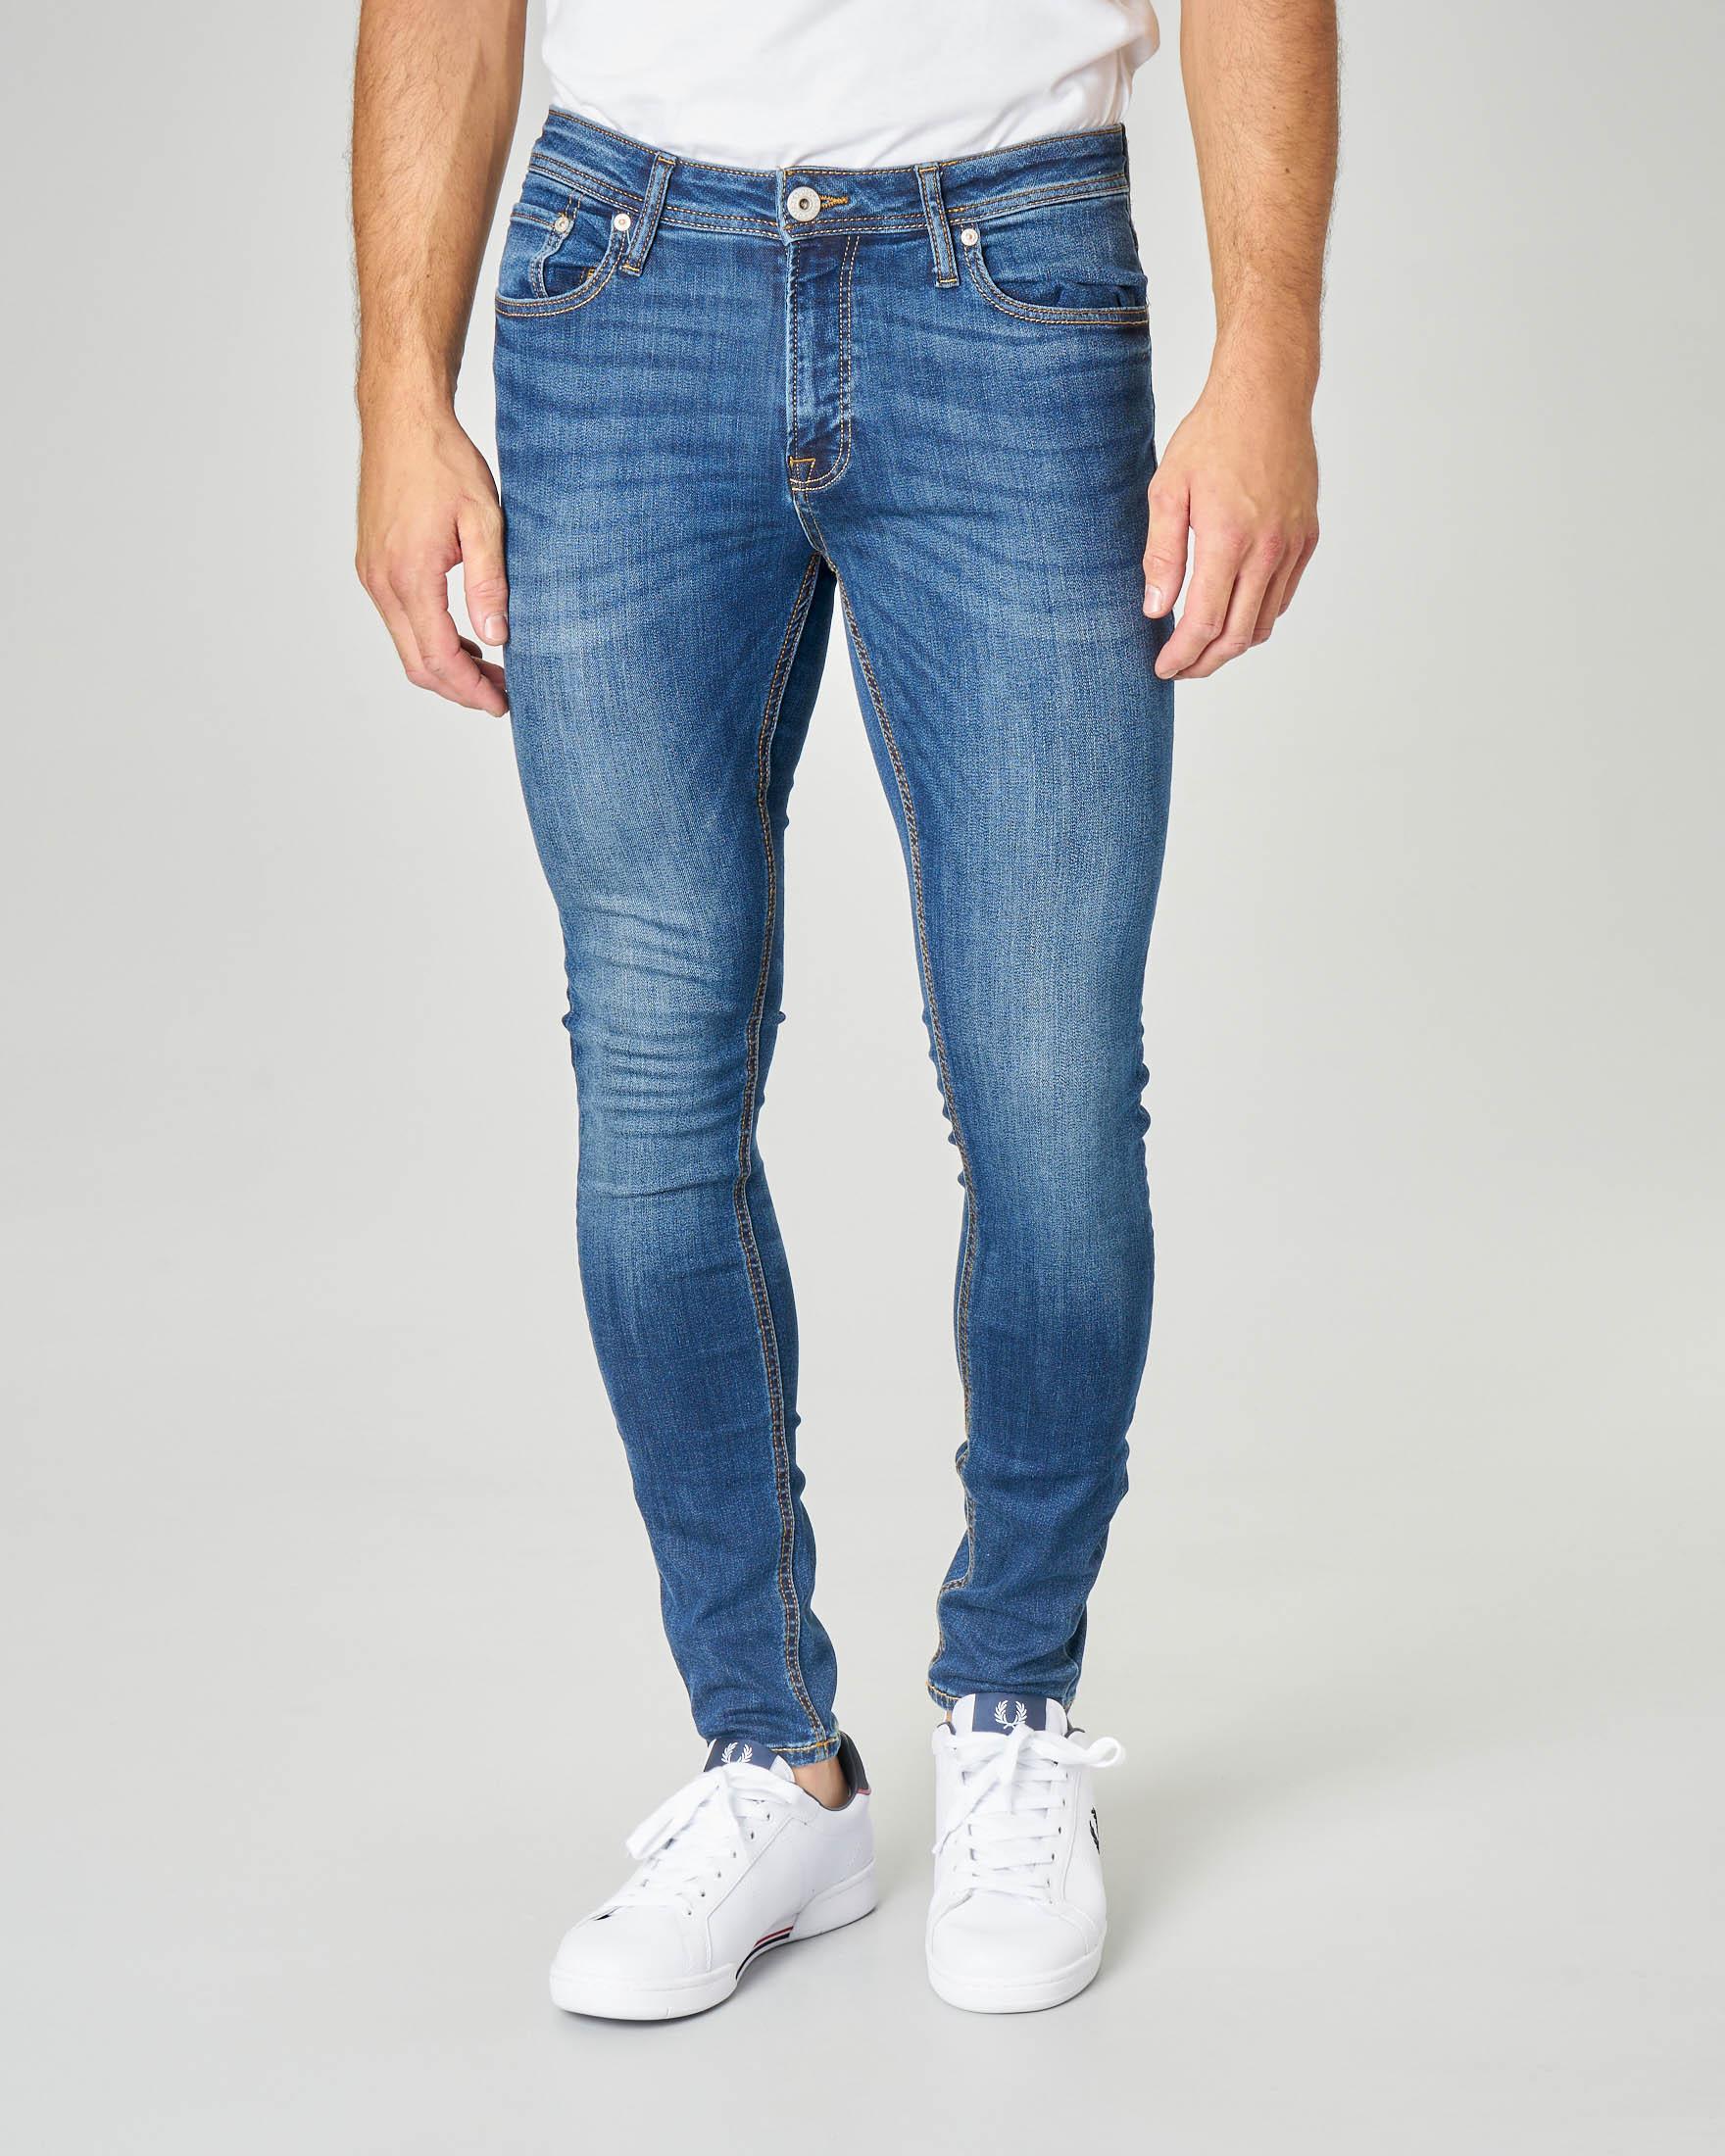 Jeans Liam lavaggio stone wash vestibilità skinny